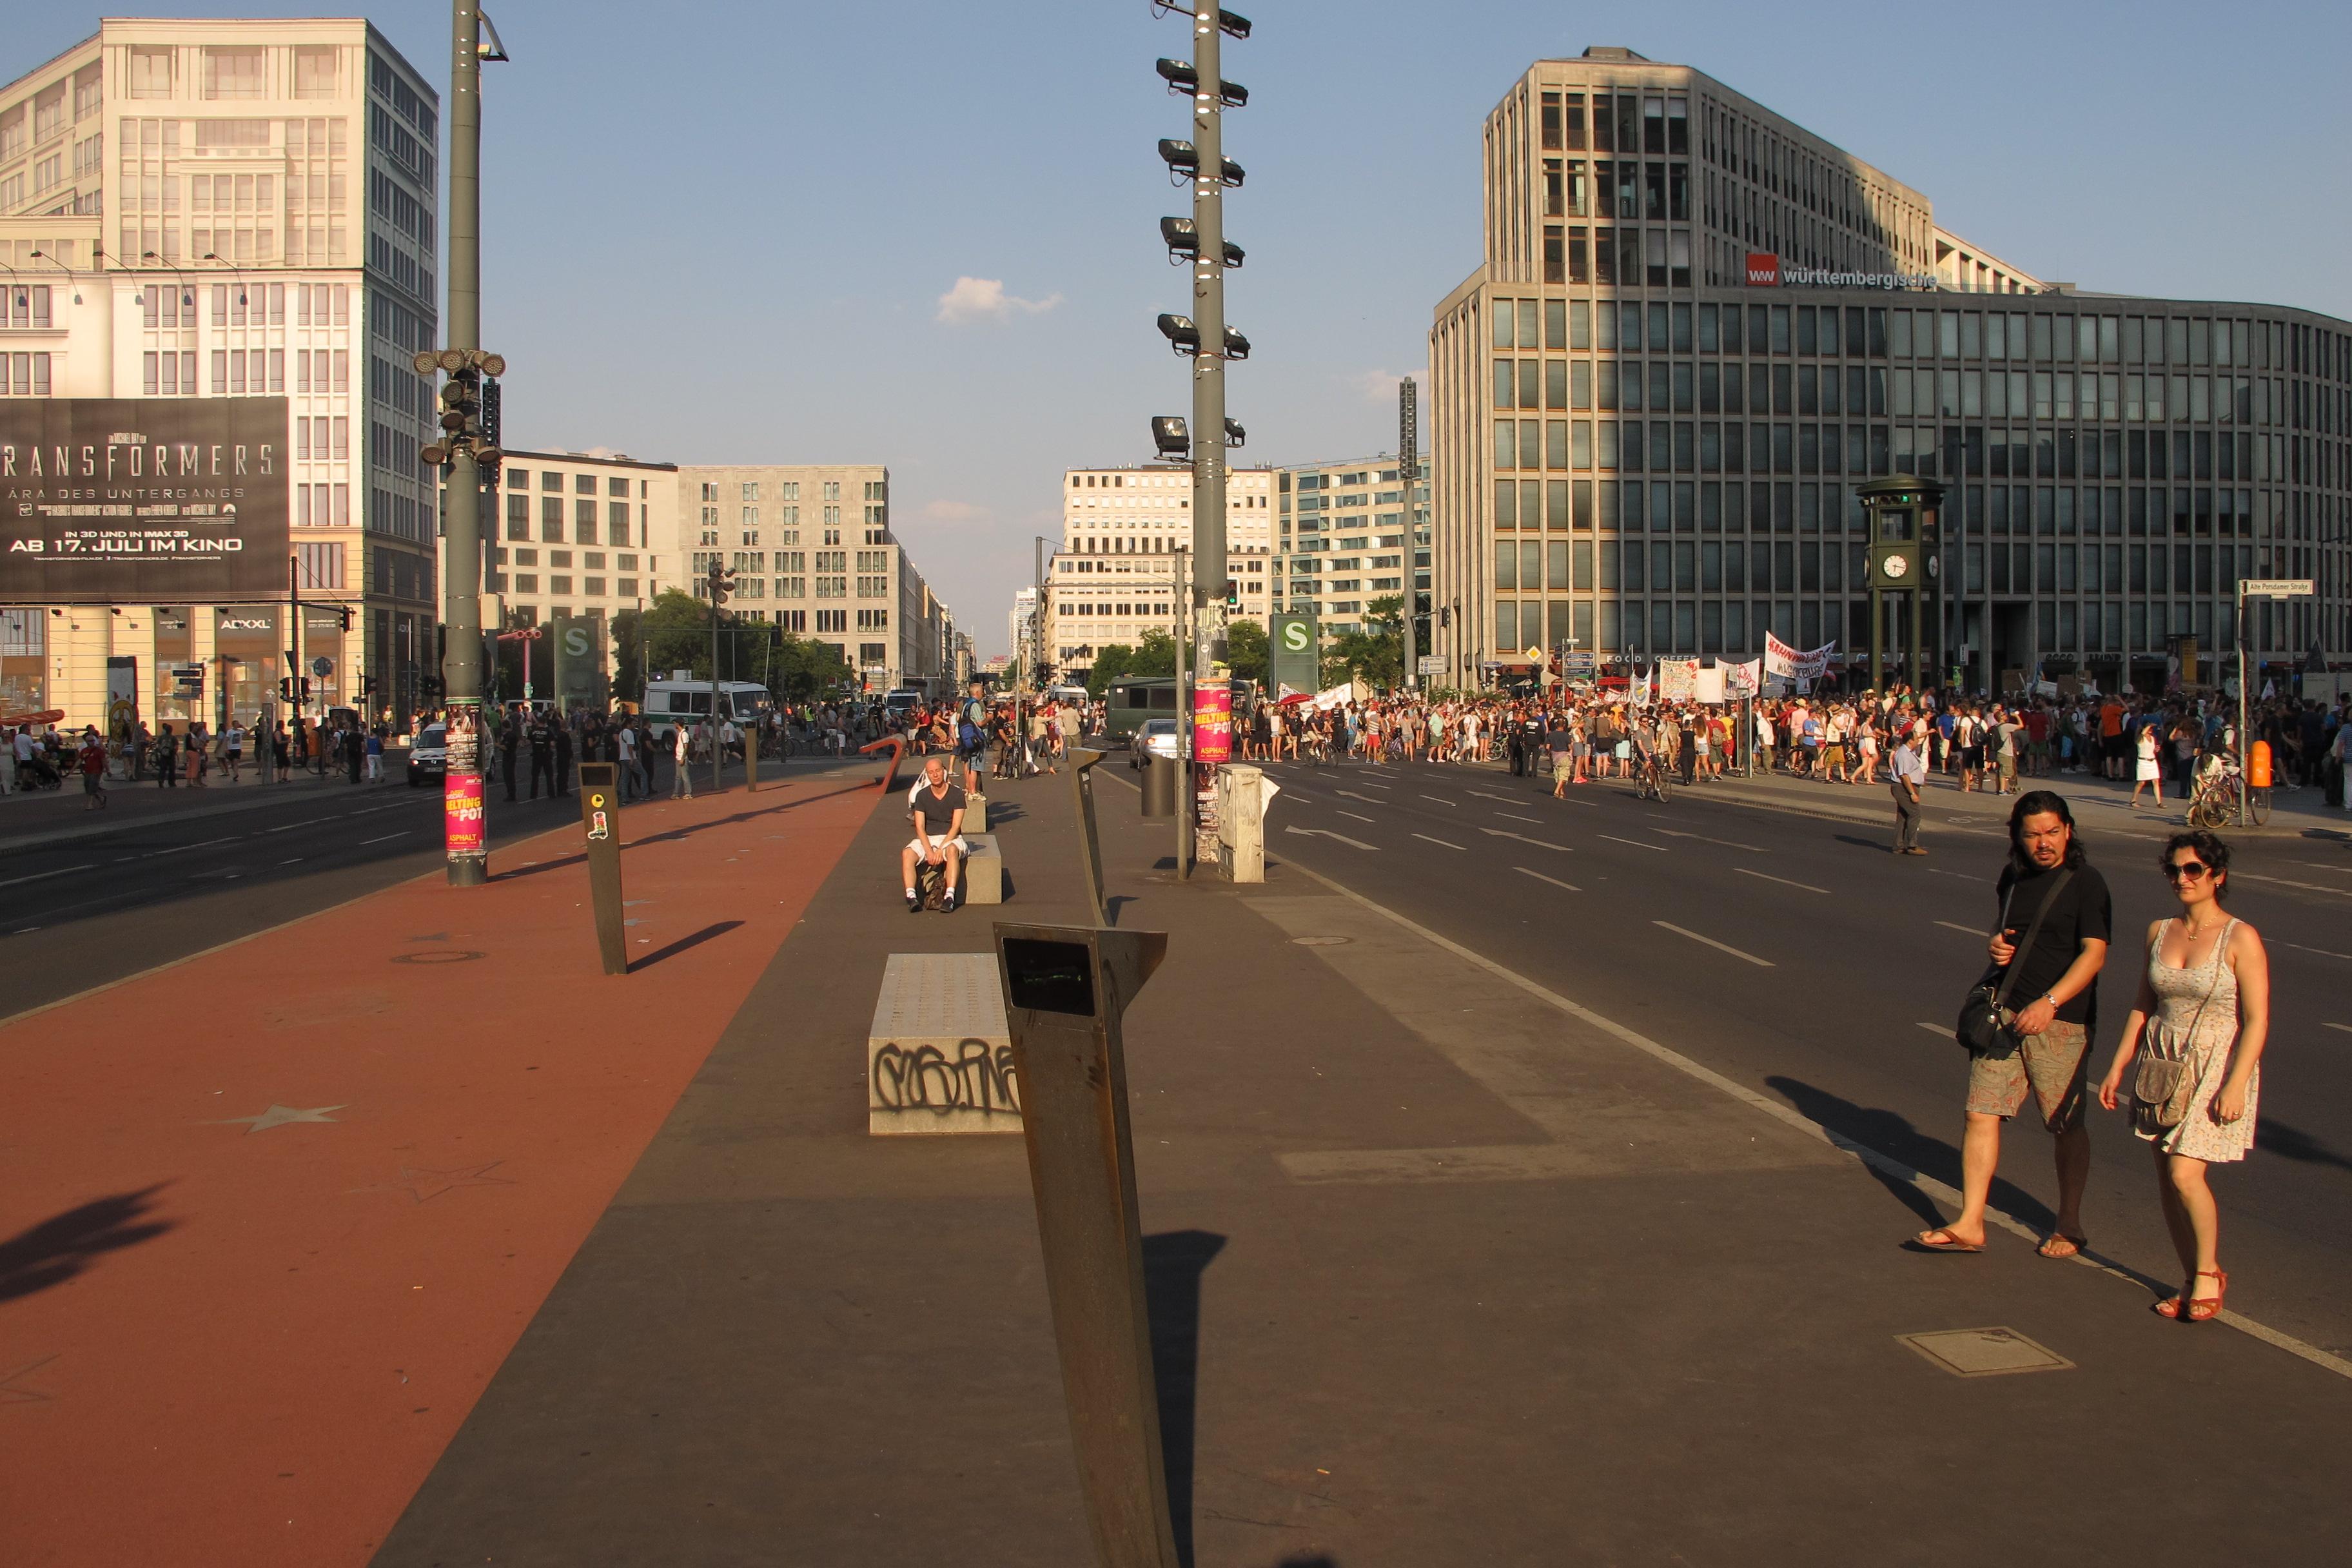 Manifestació contra els bombardejos de Gaza a la Postdamer Platz (2)